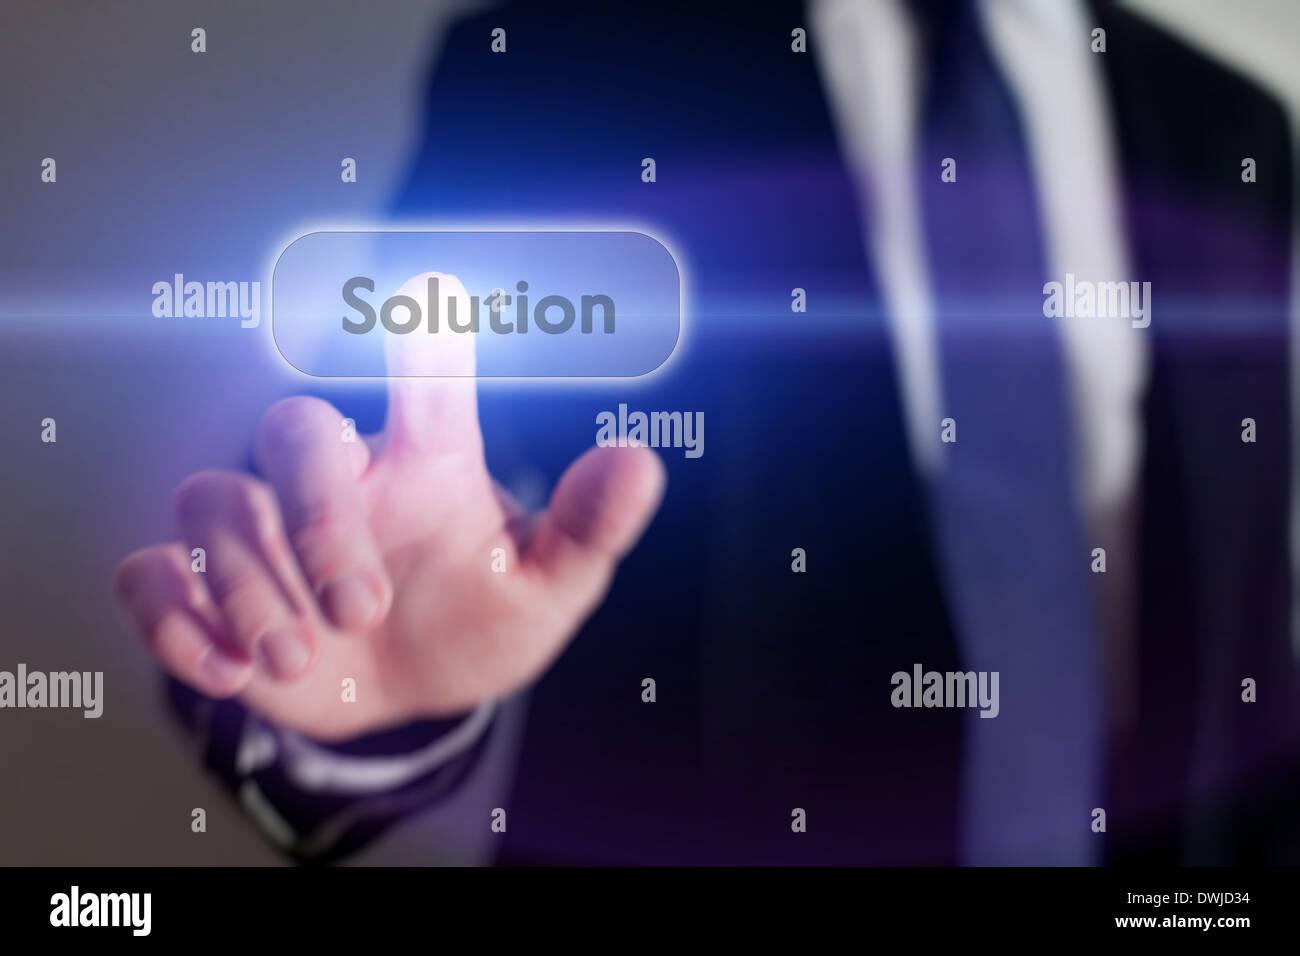 solución Imagen De Stock